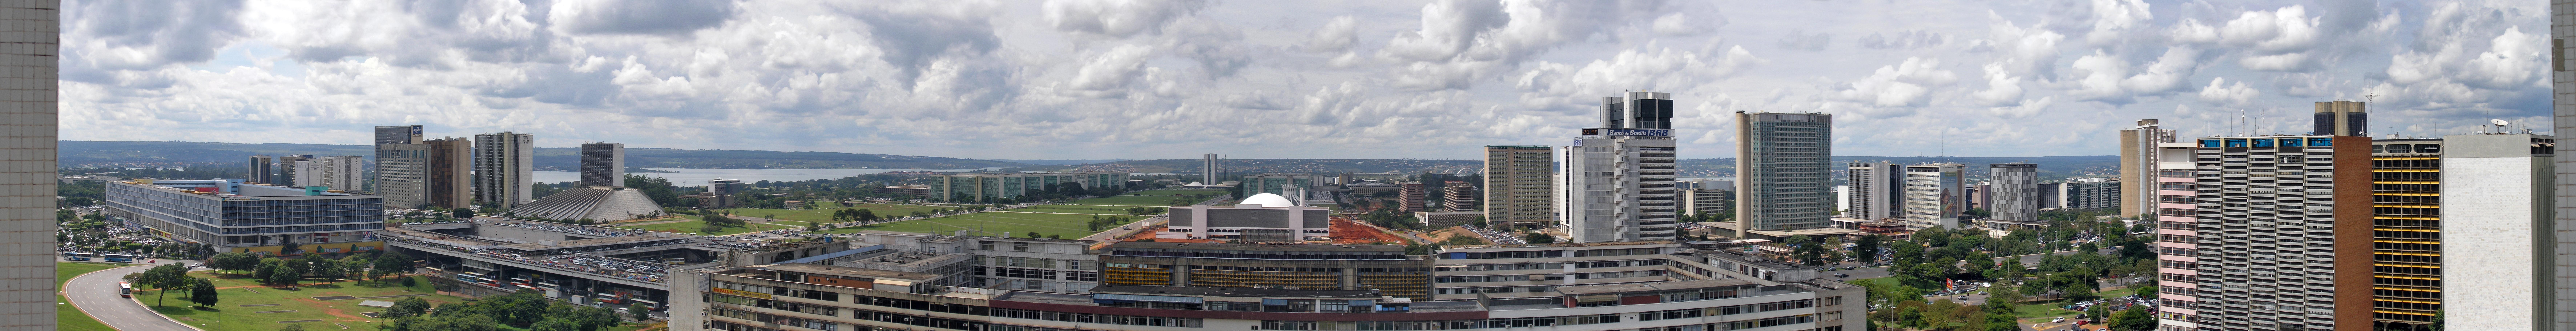 Português do Brasil: Panorama de Brasília, Brasil.